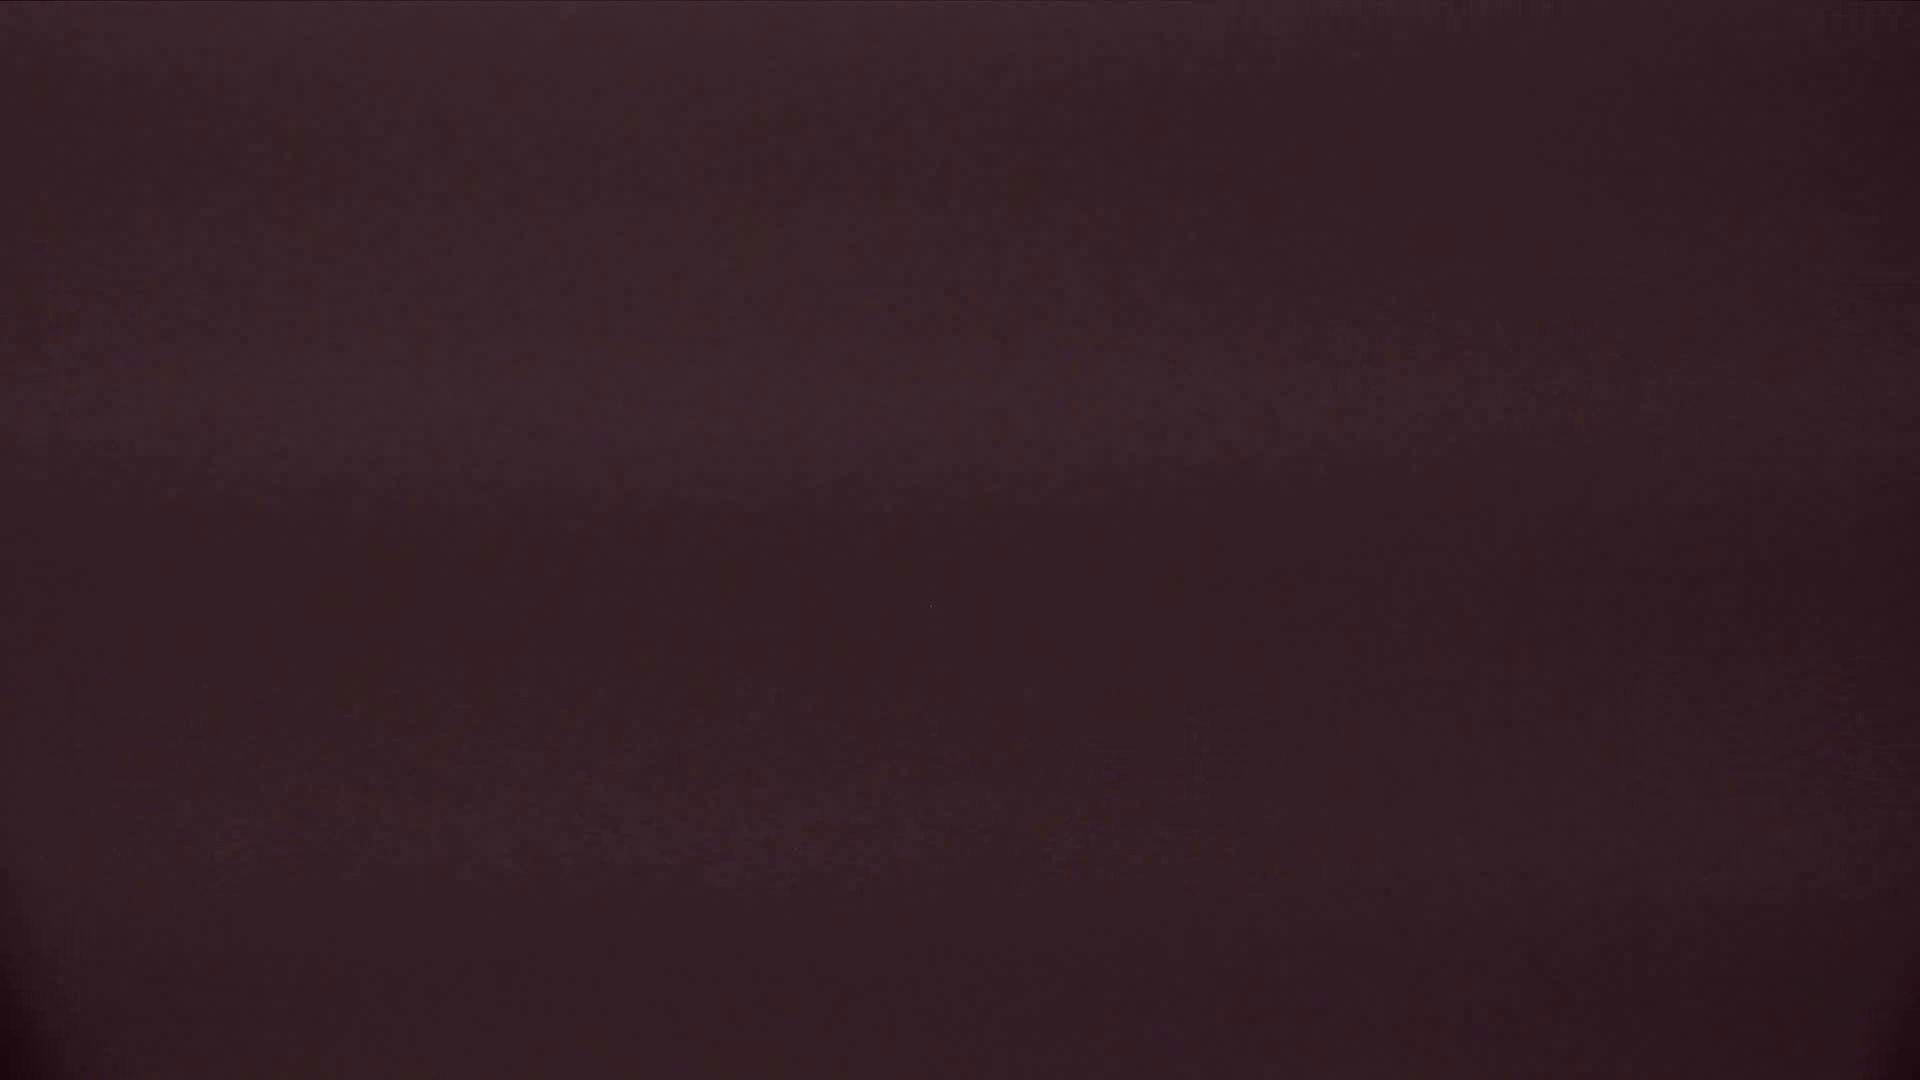 vol.18 命がけ潜伏洗面所! お好みがきっと見つかる プライベート 覗きスケベ動画紹介 74画像 35